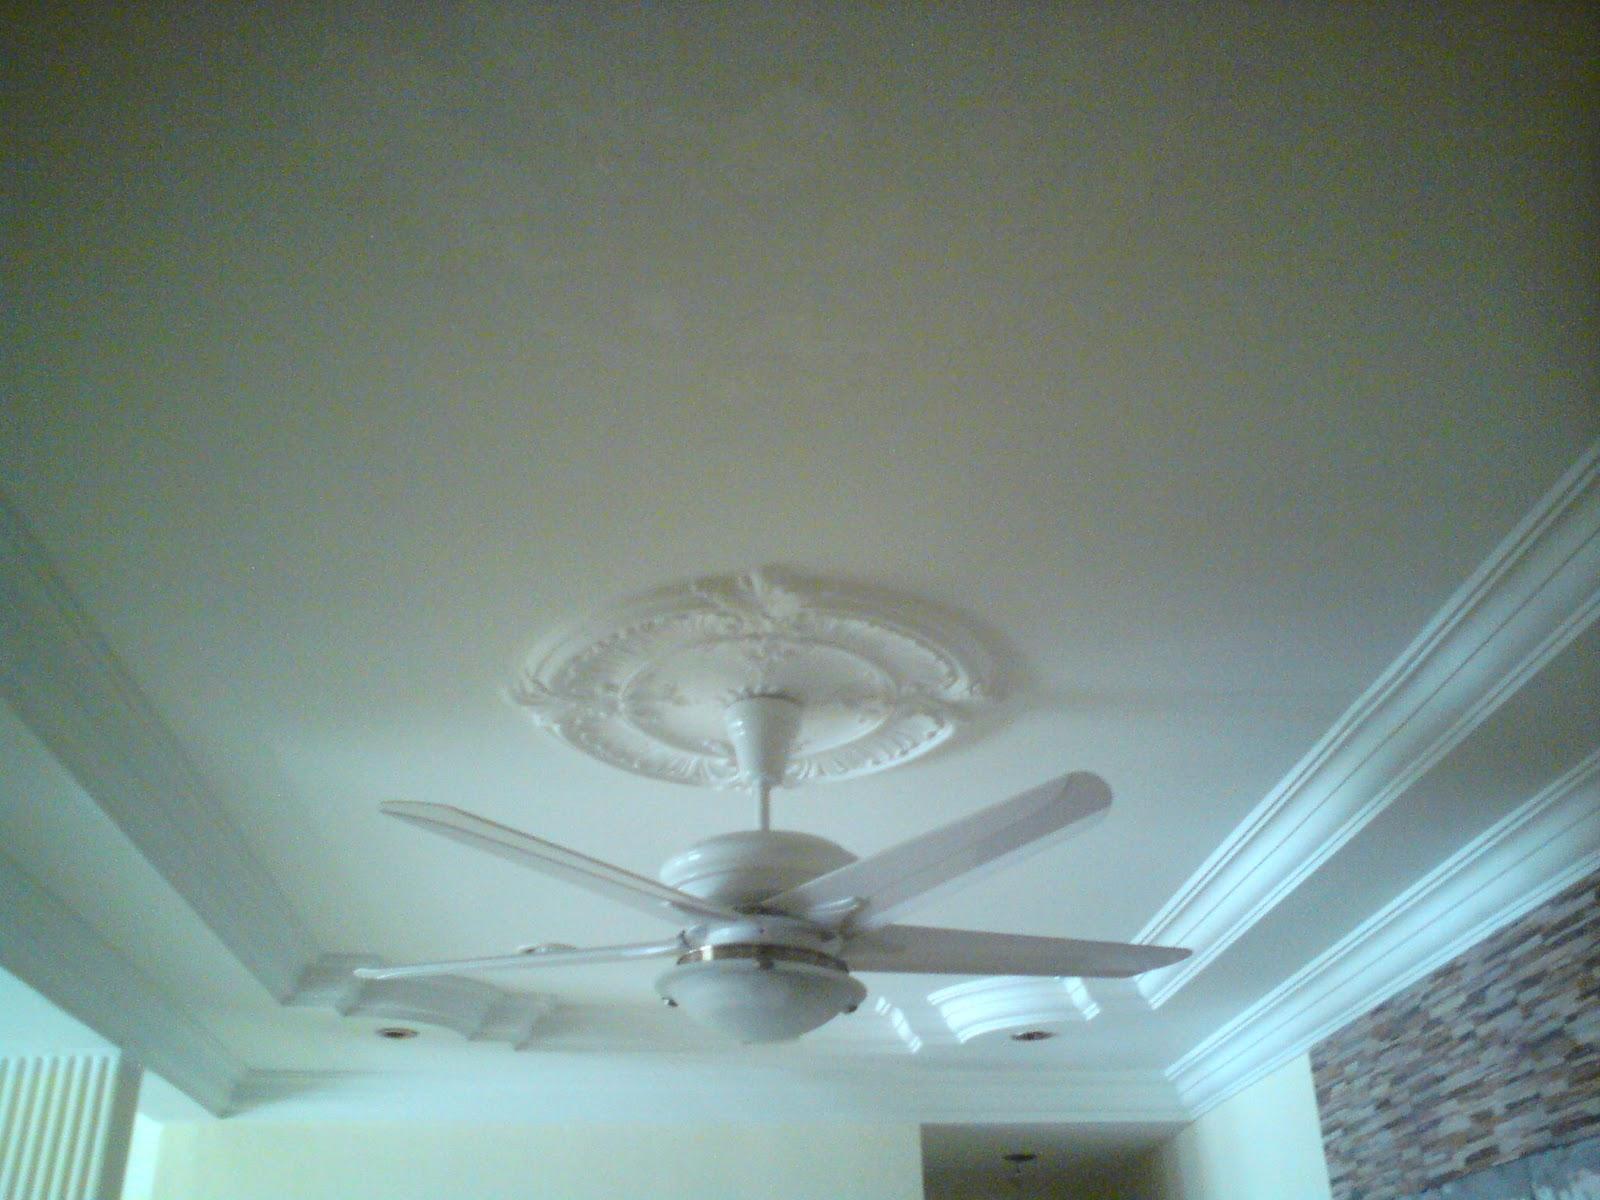 Dream Plaster Ceiling Design